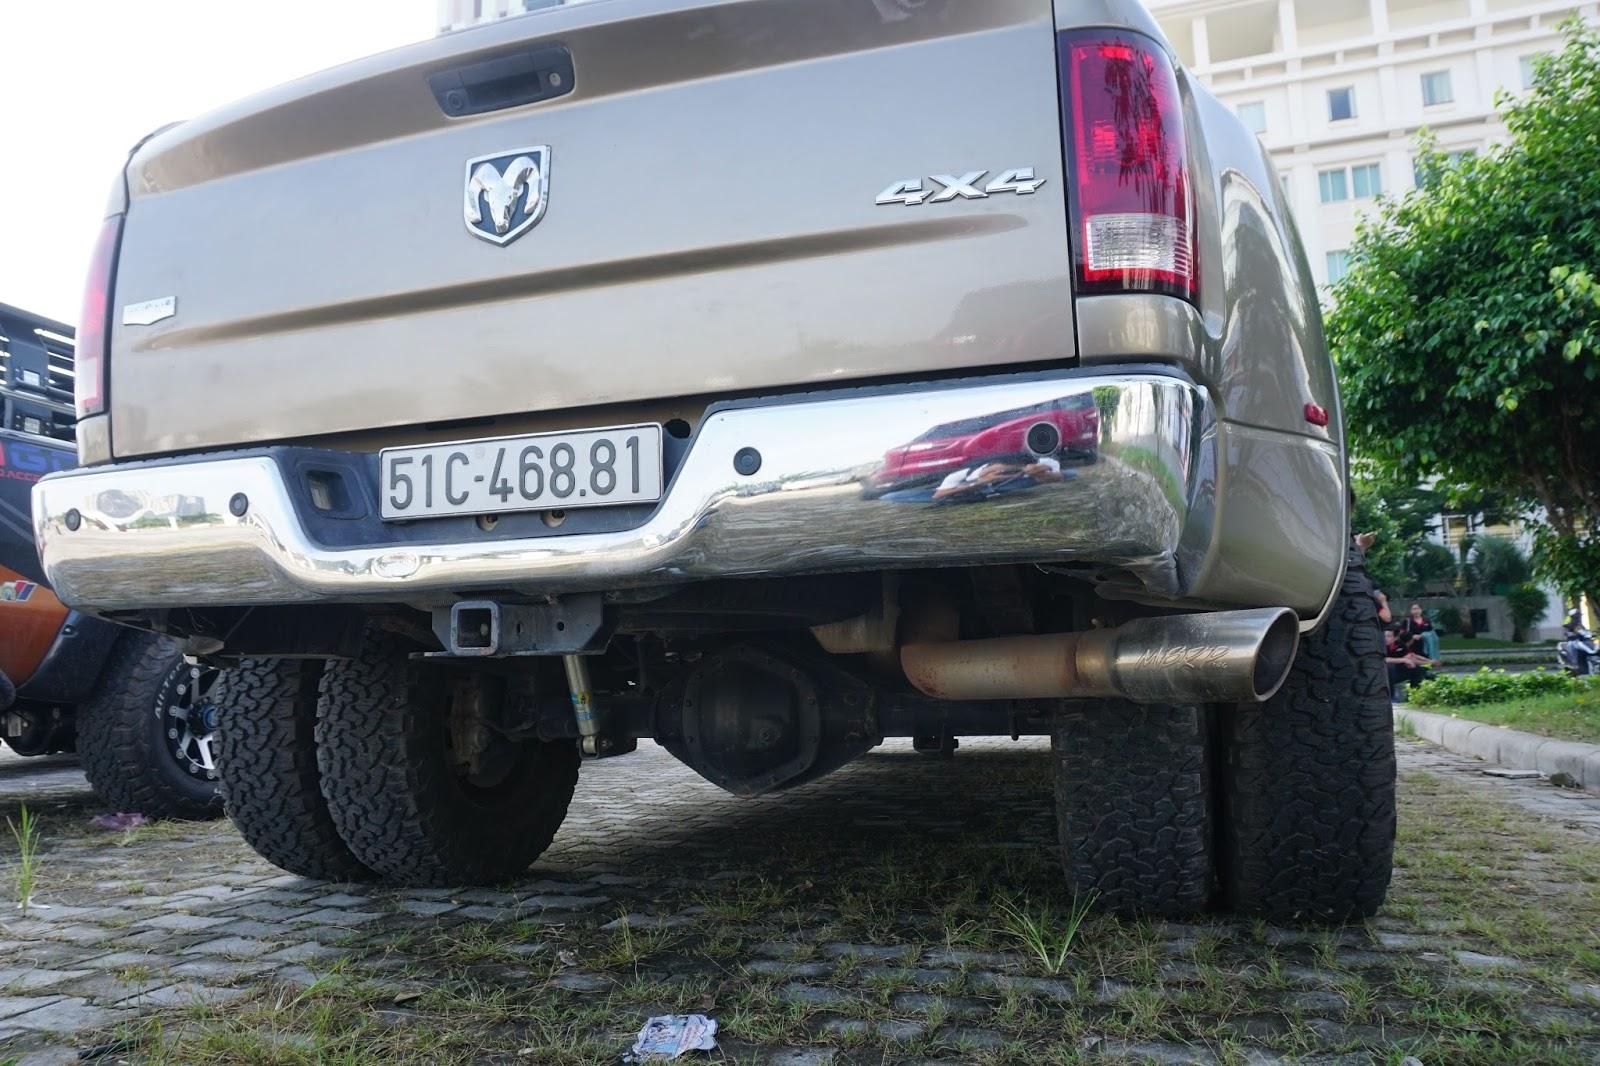 Gầm xe cao, lốp sau mỗi bên hai lốp cỡ lớn với gai góc mạnh mẽ